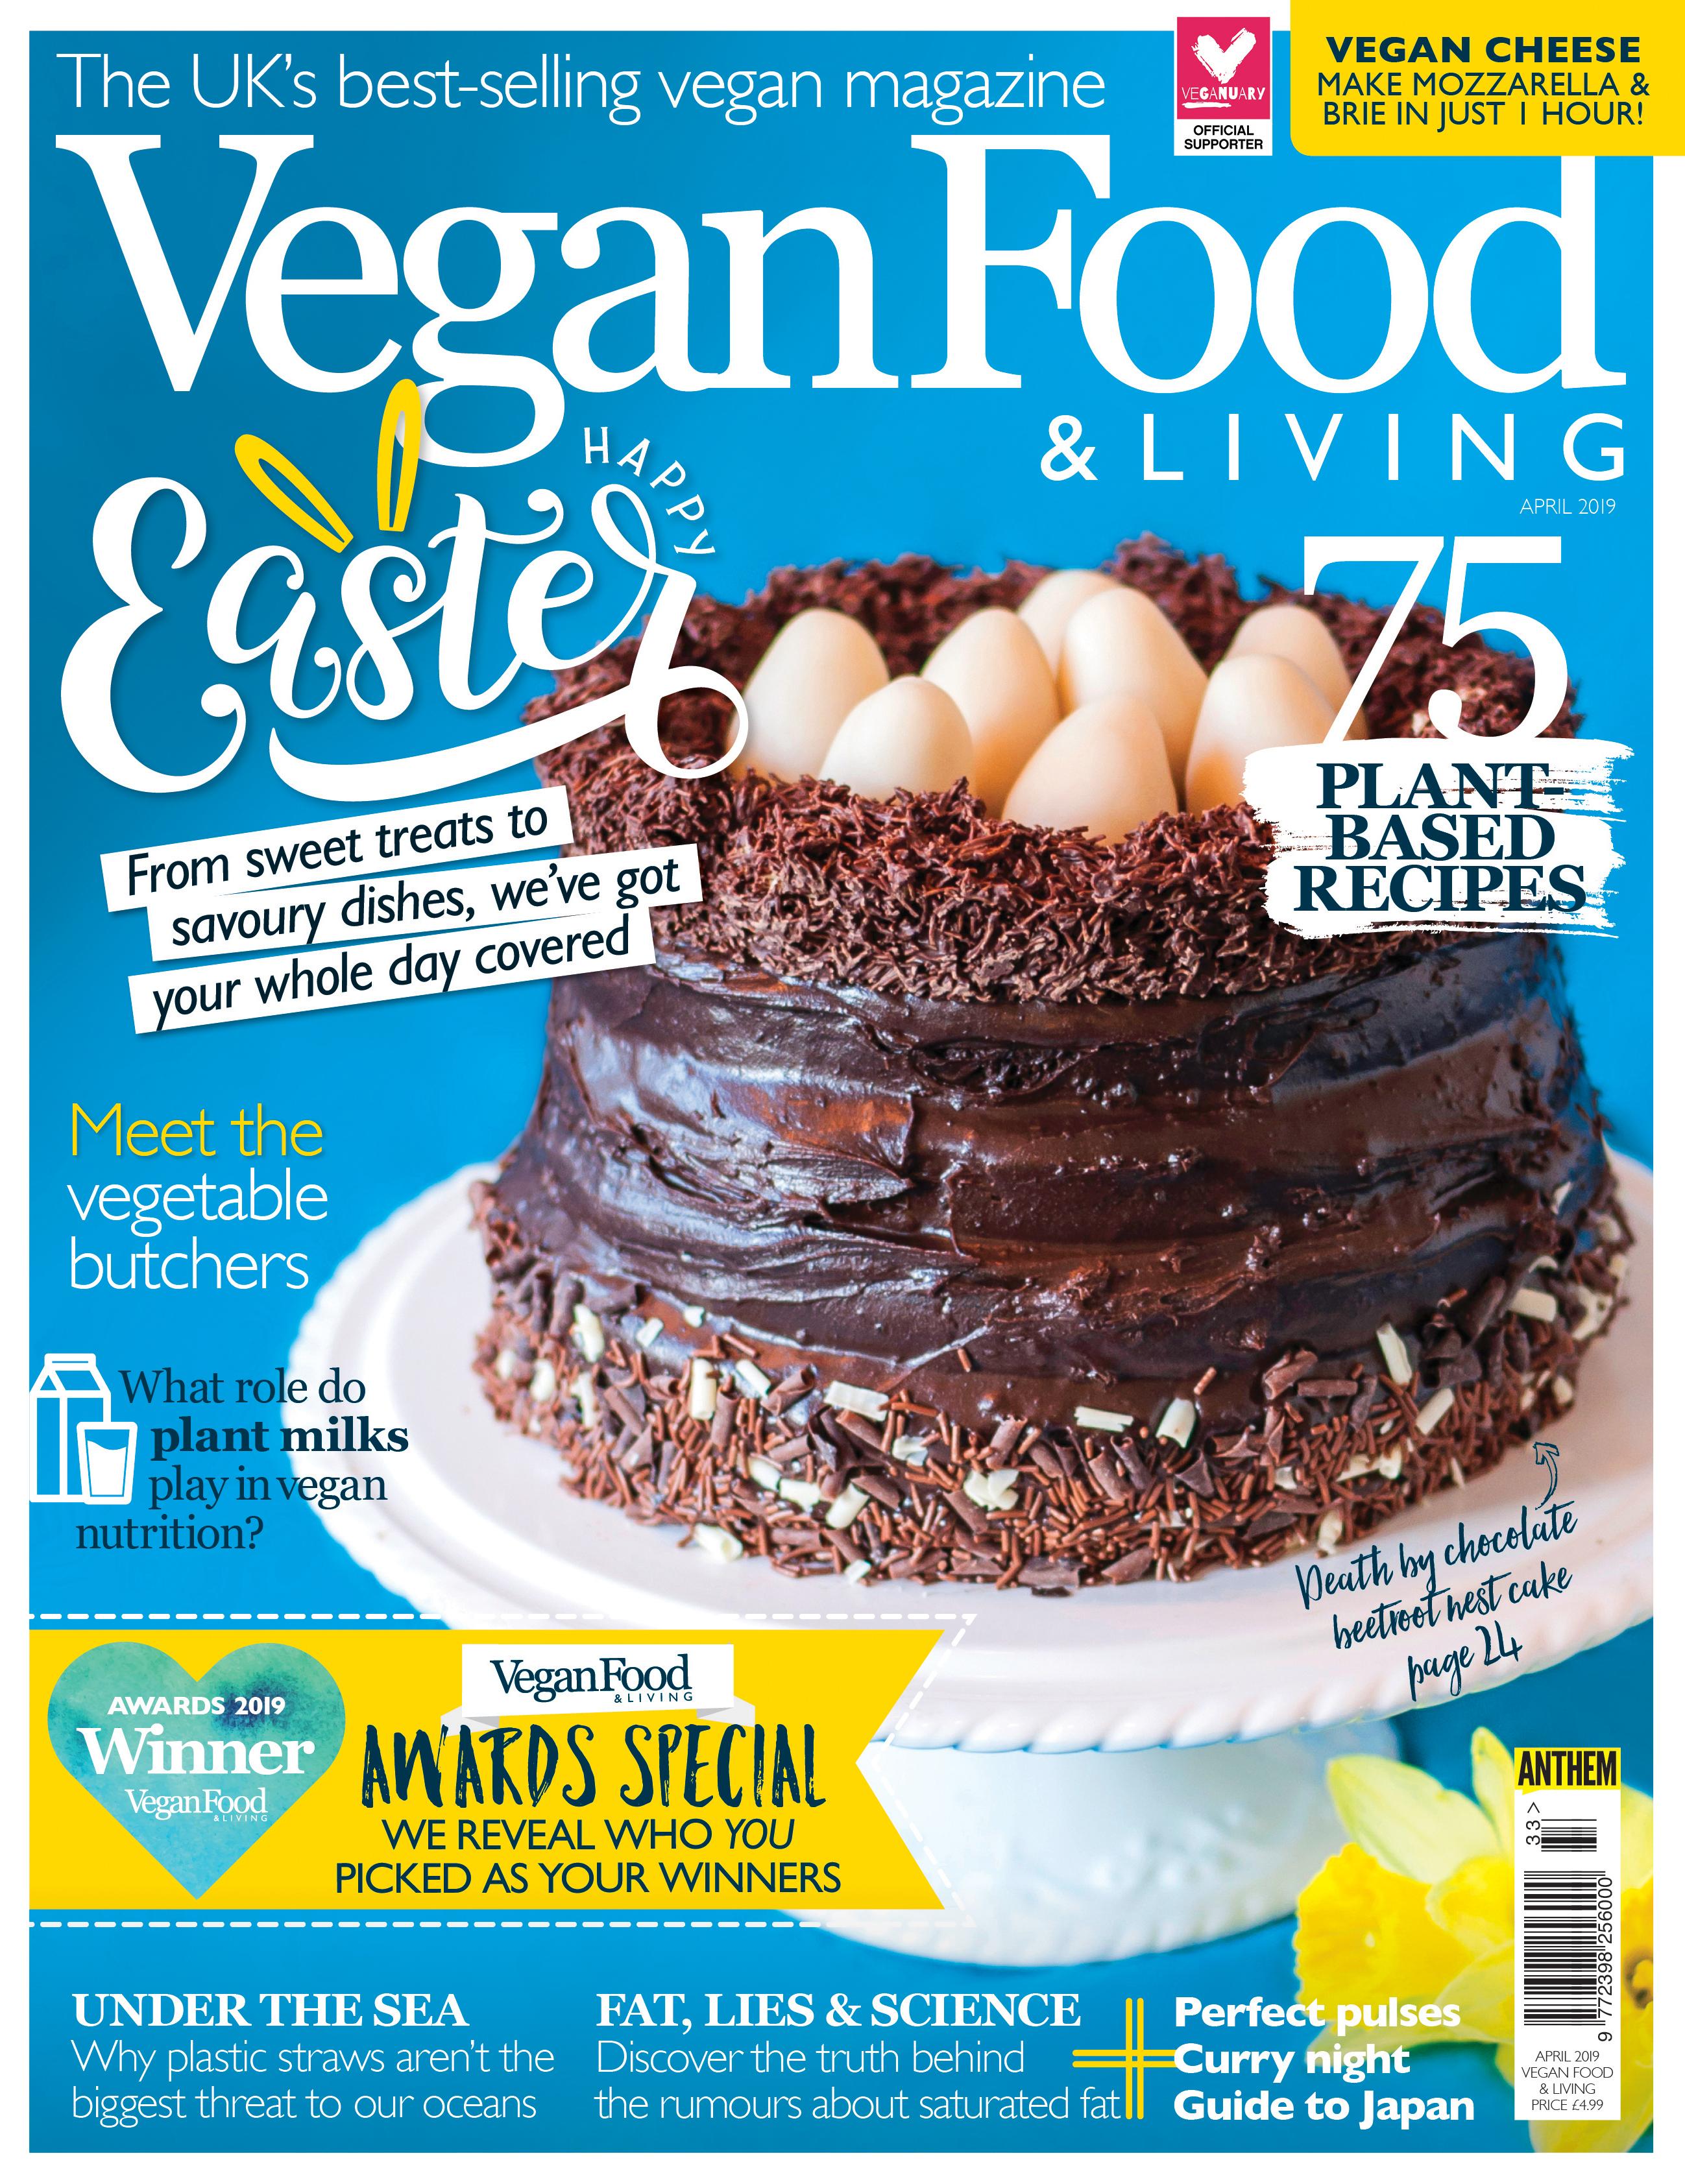 Vegan Food & Living April 2019